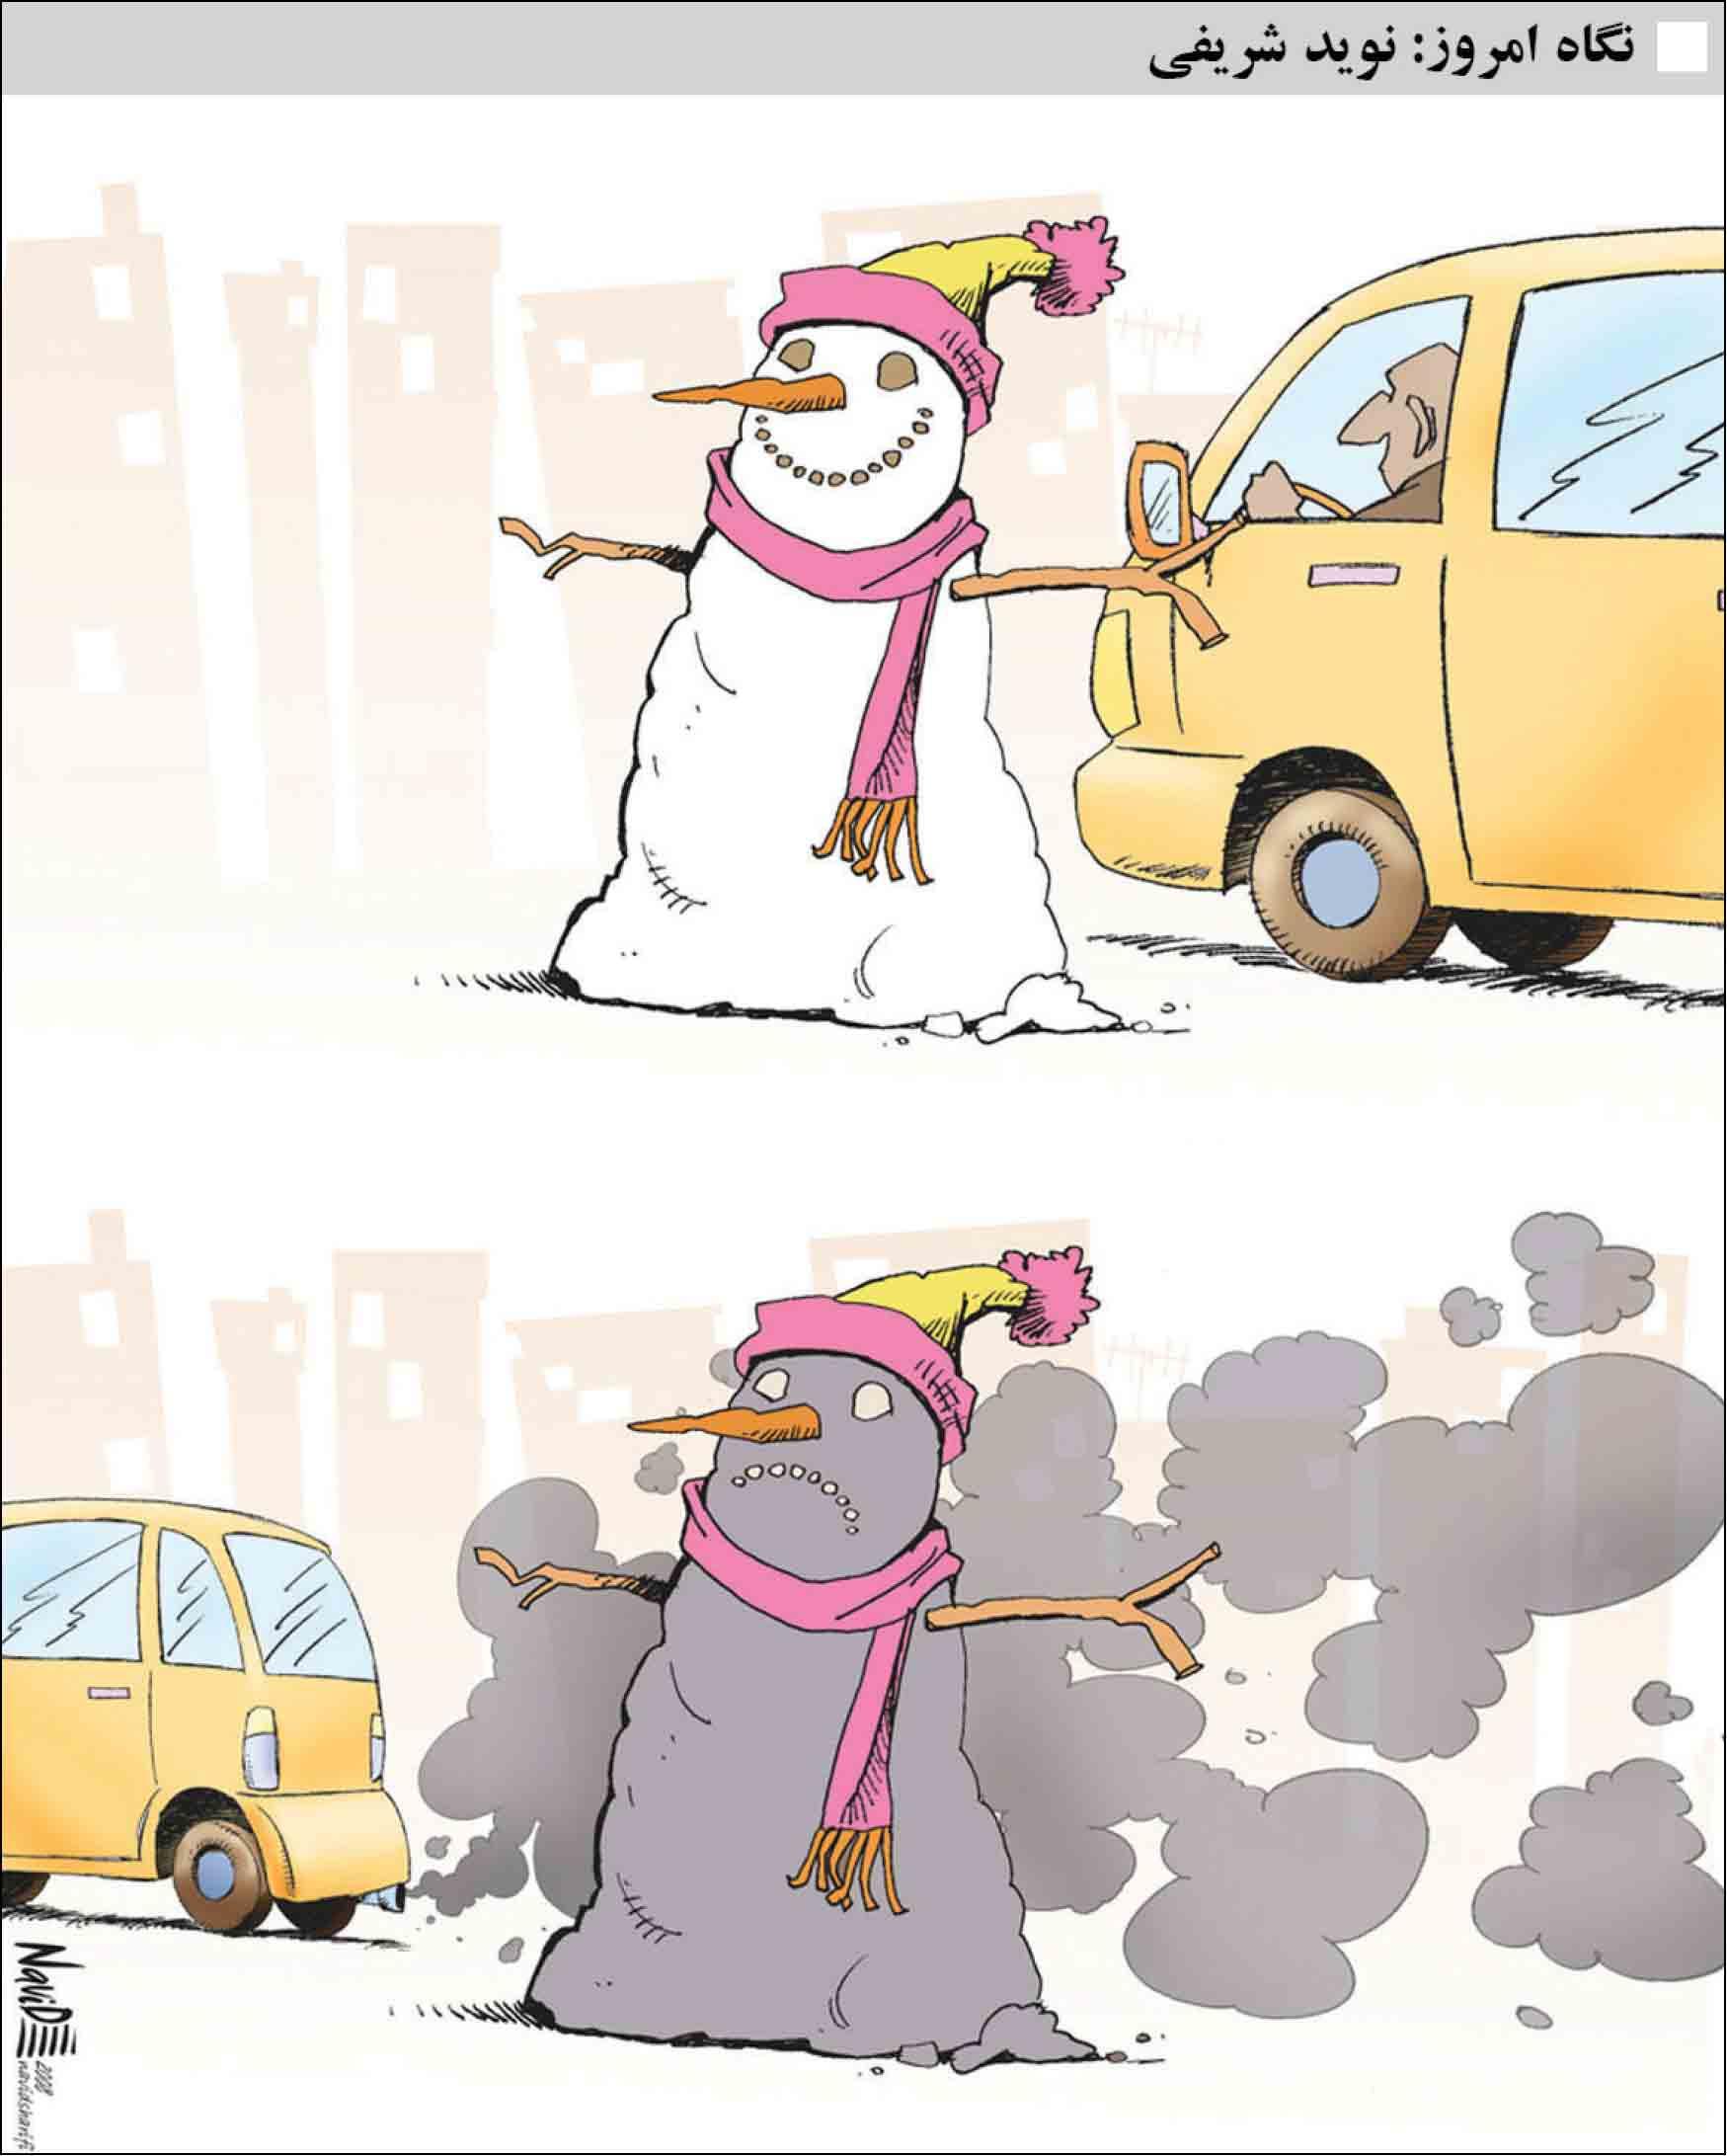 آلودگی هوا سهم زمستانی شهرها + عکس